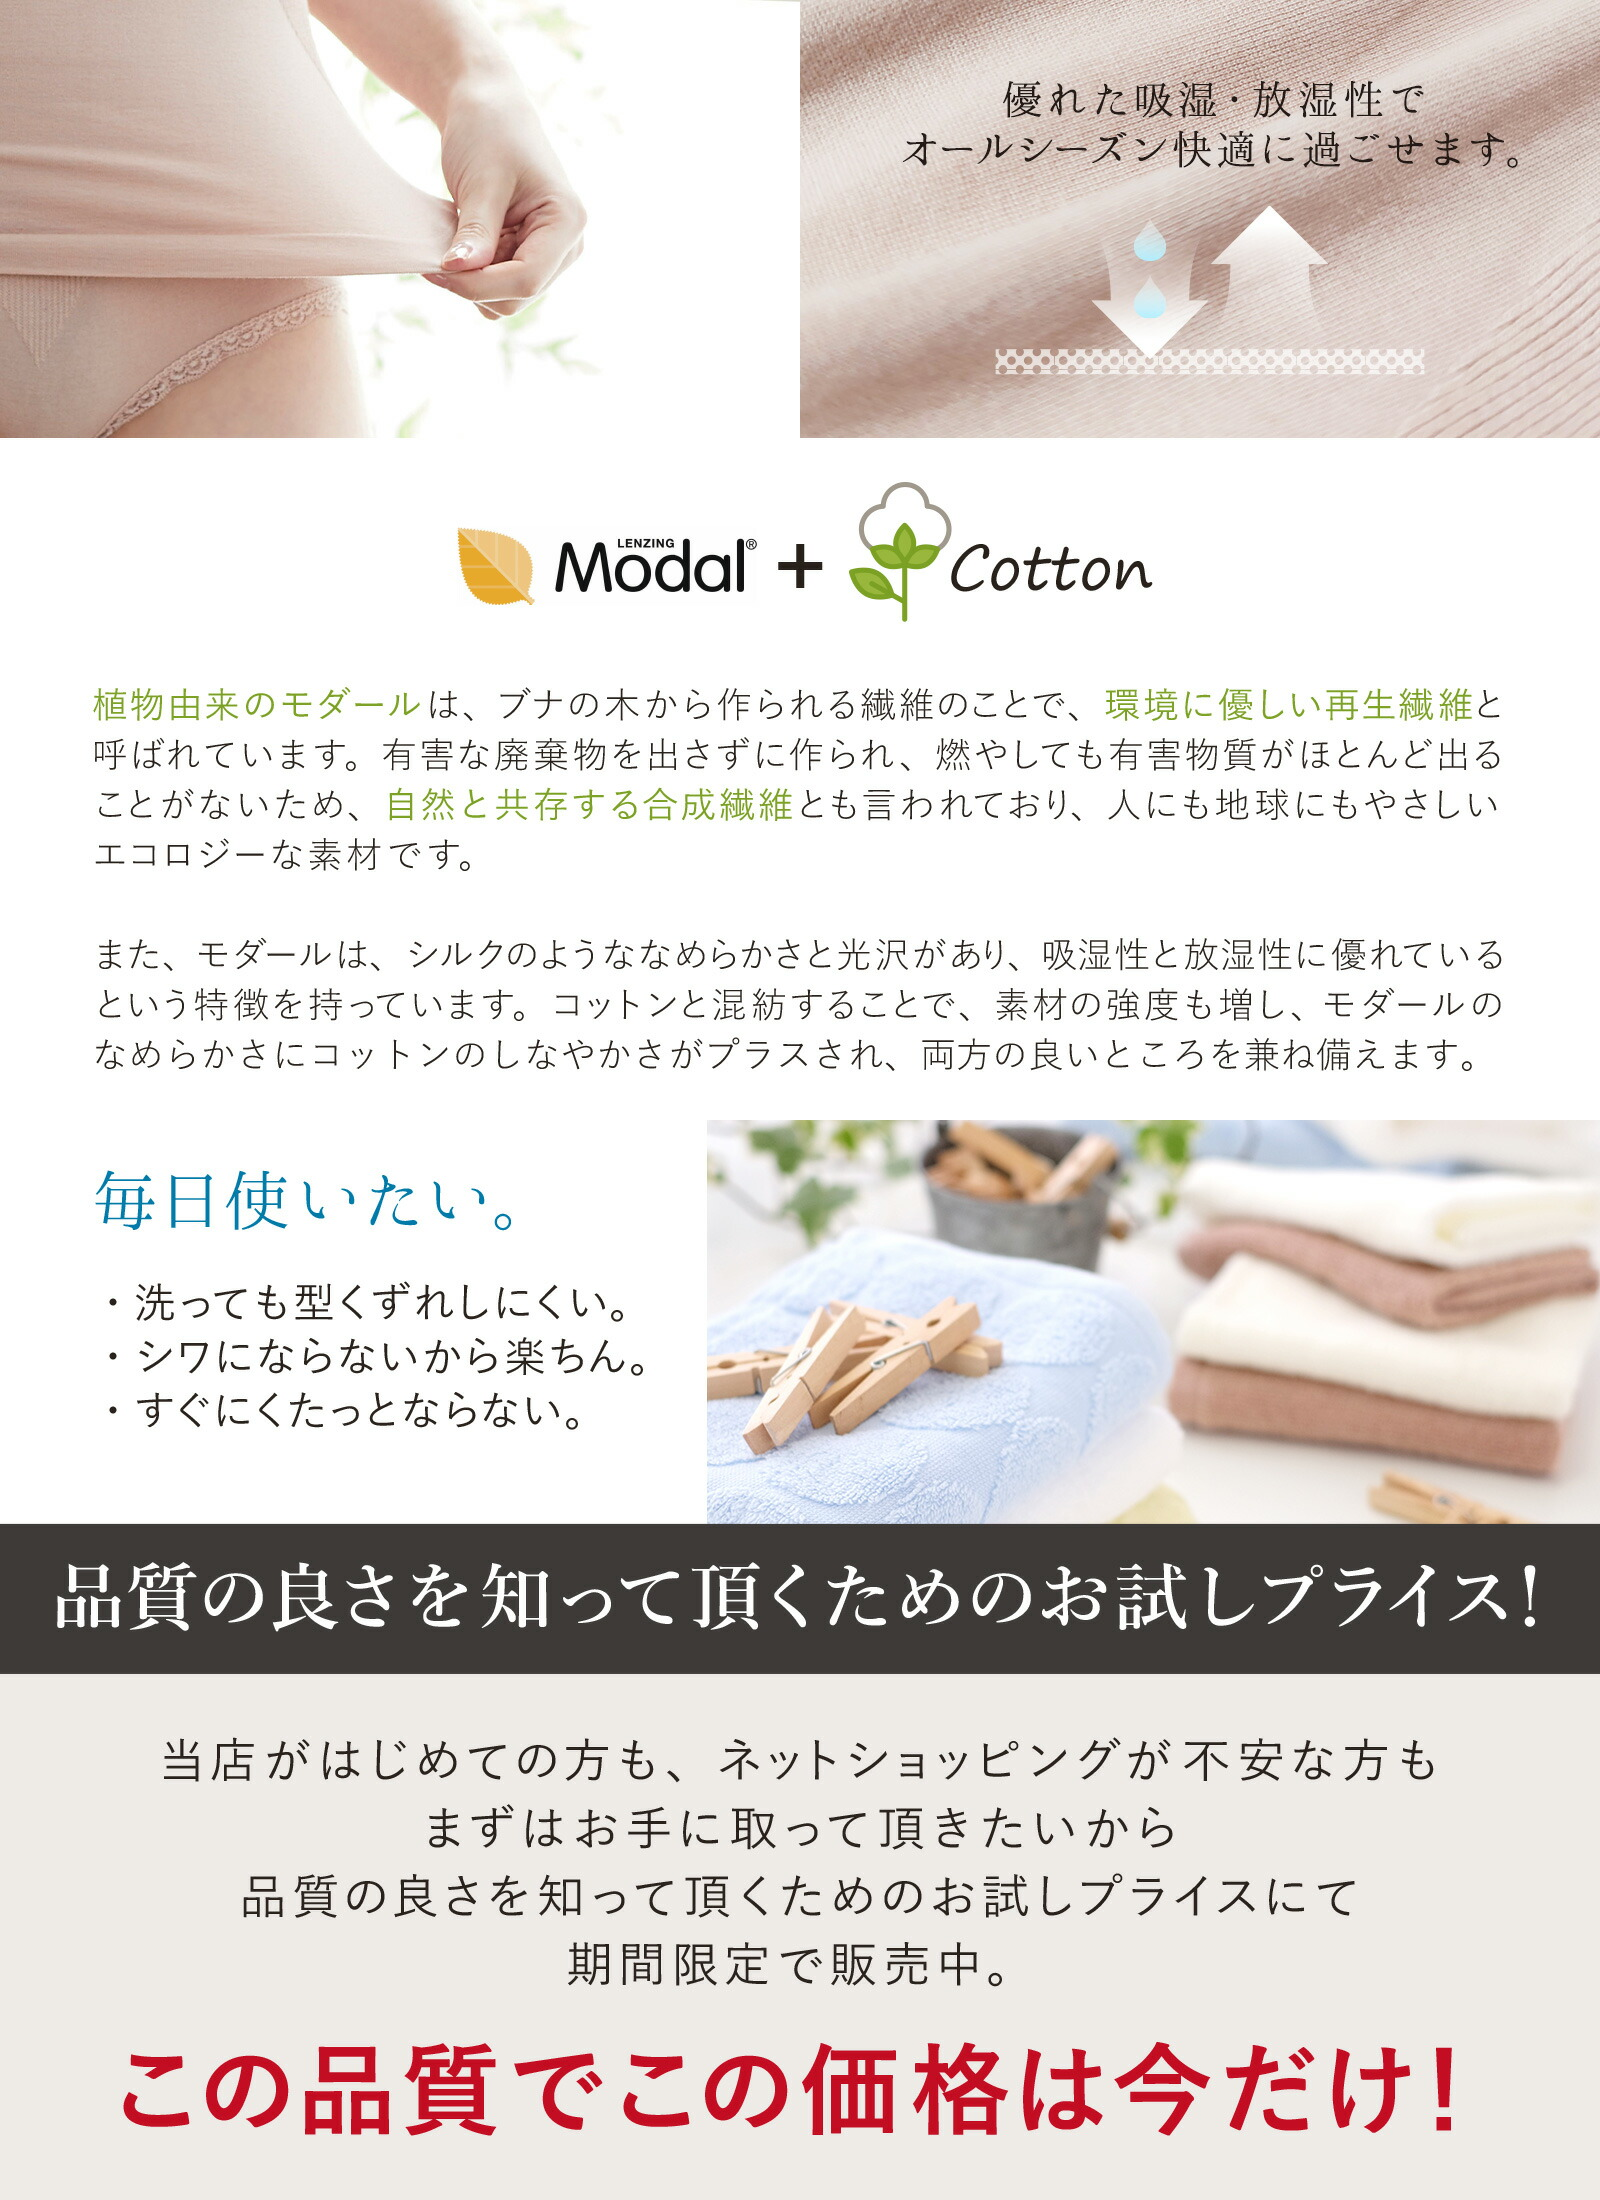 綿モダールの特徴2